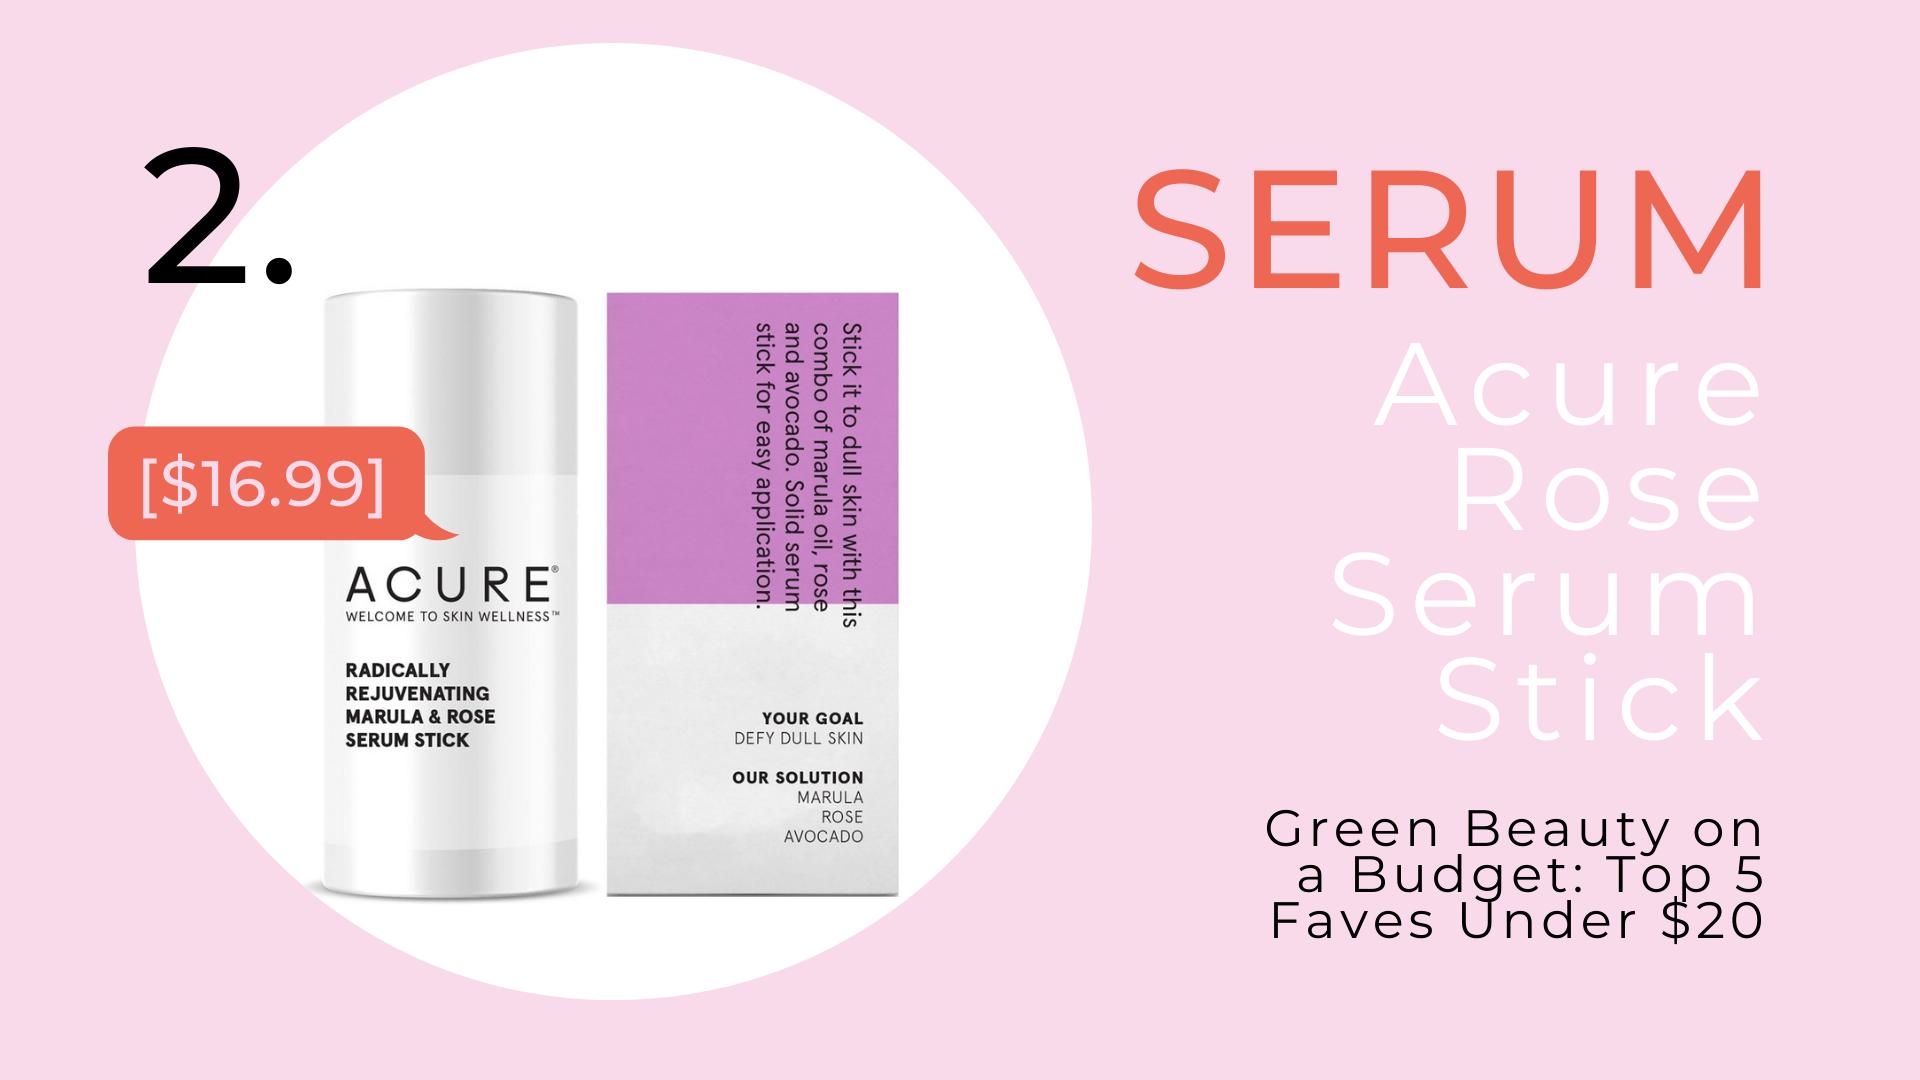 Shop Acure Radically Rejuvenating Marula & Rose Serum Stick